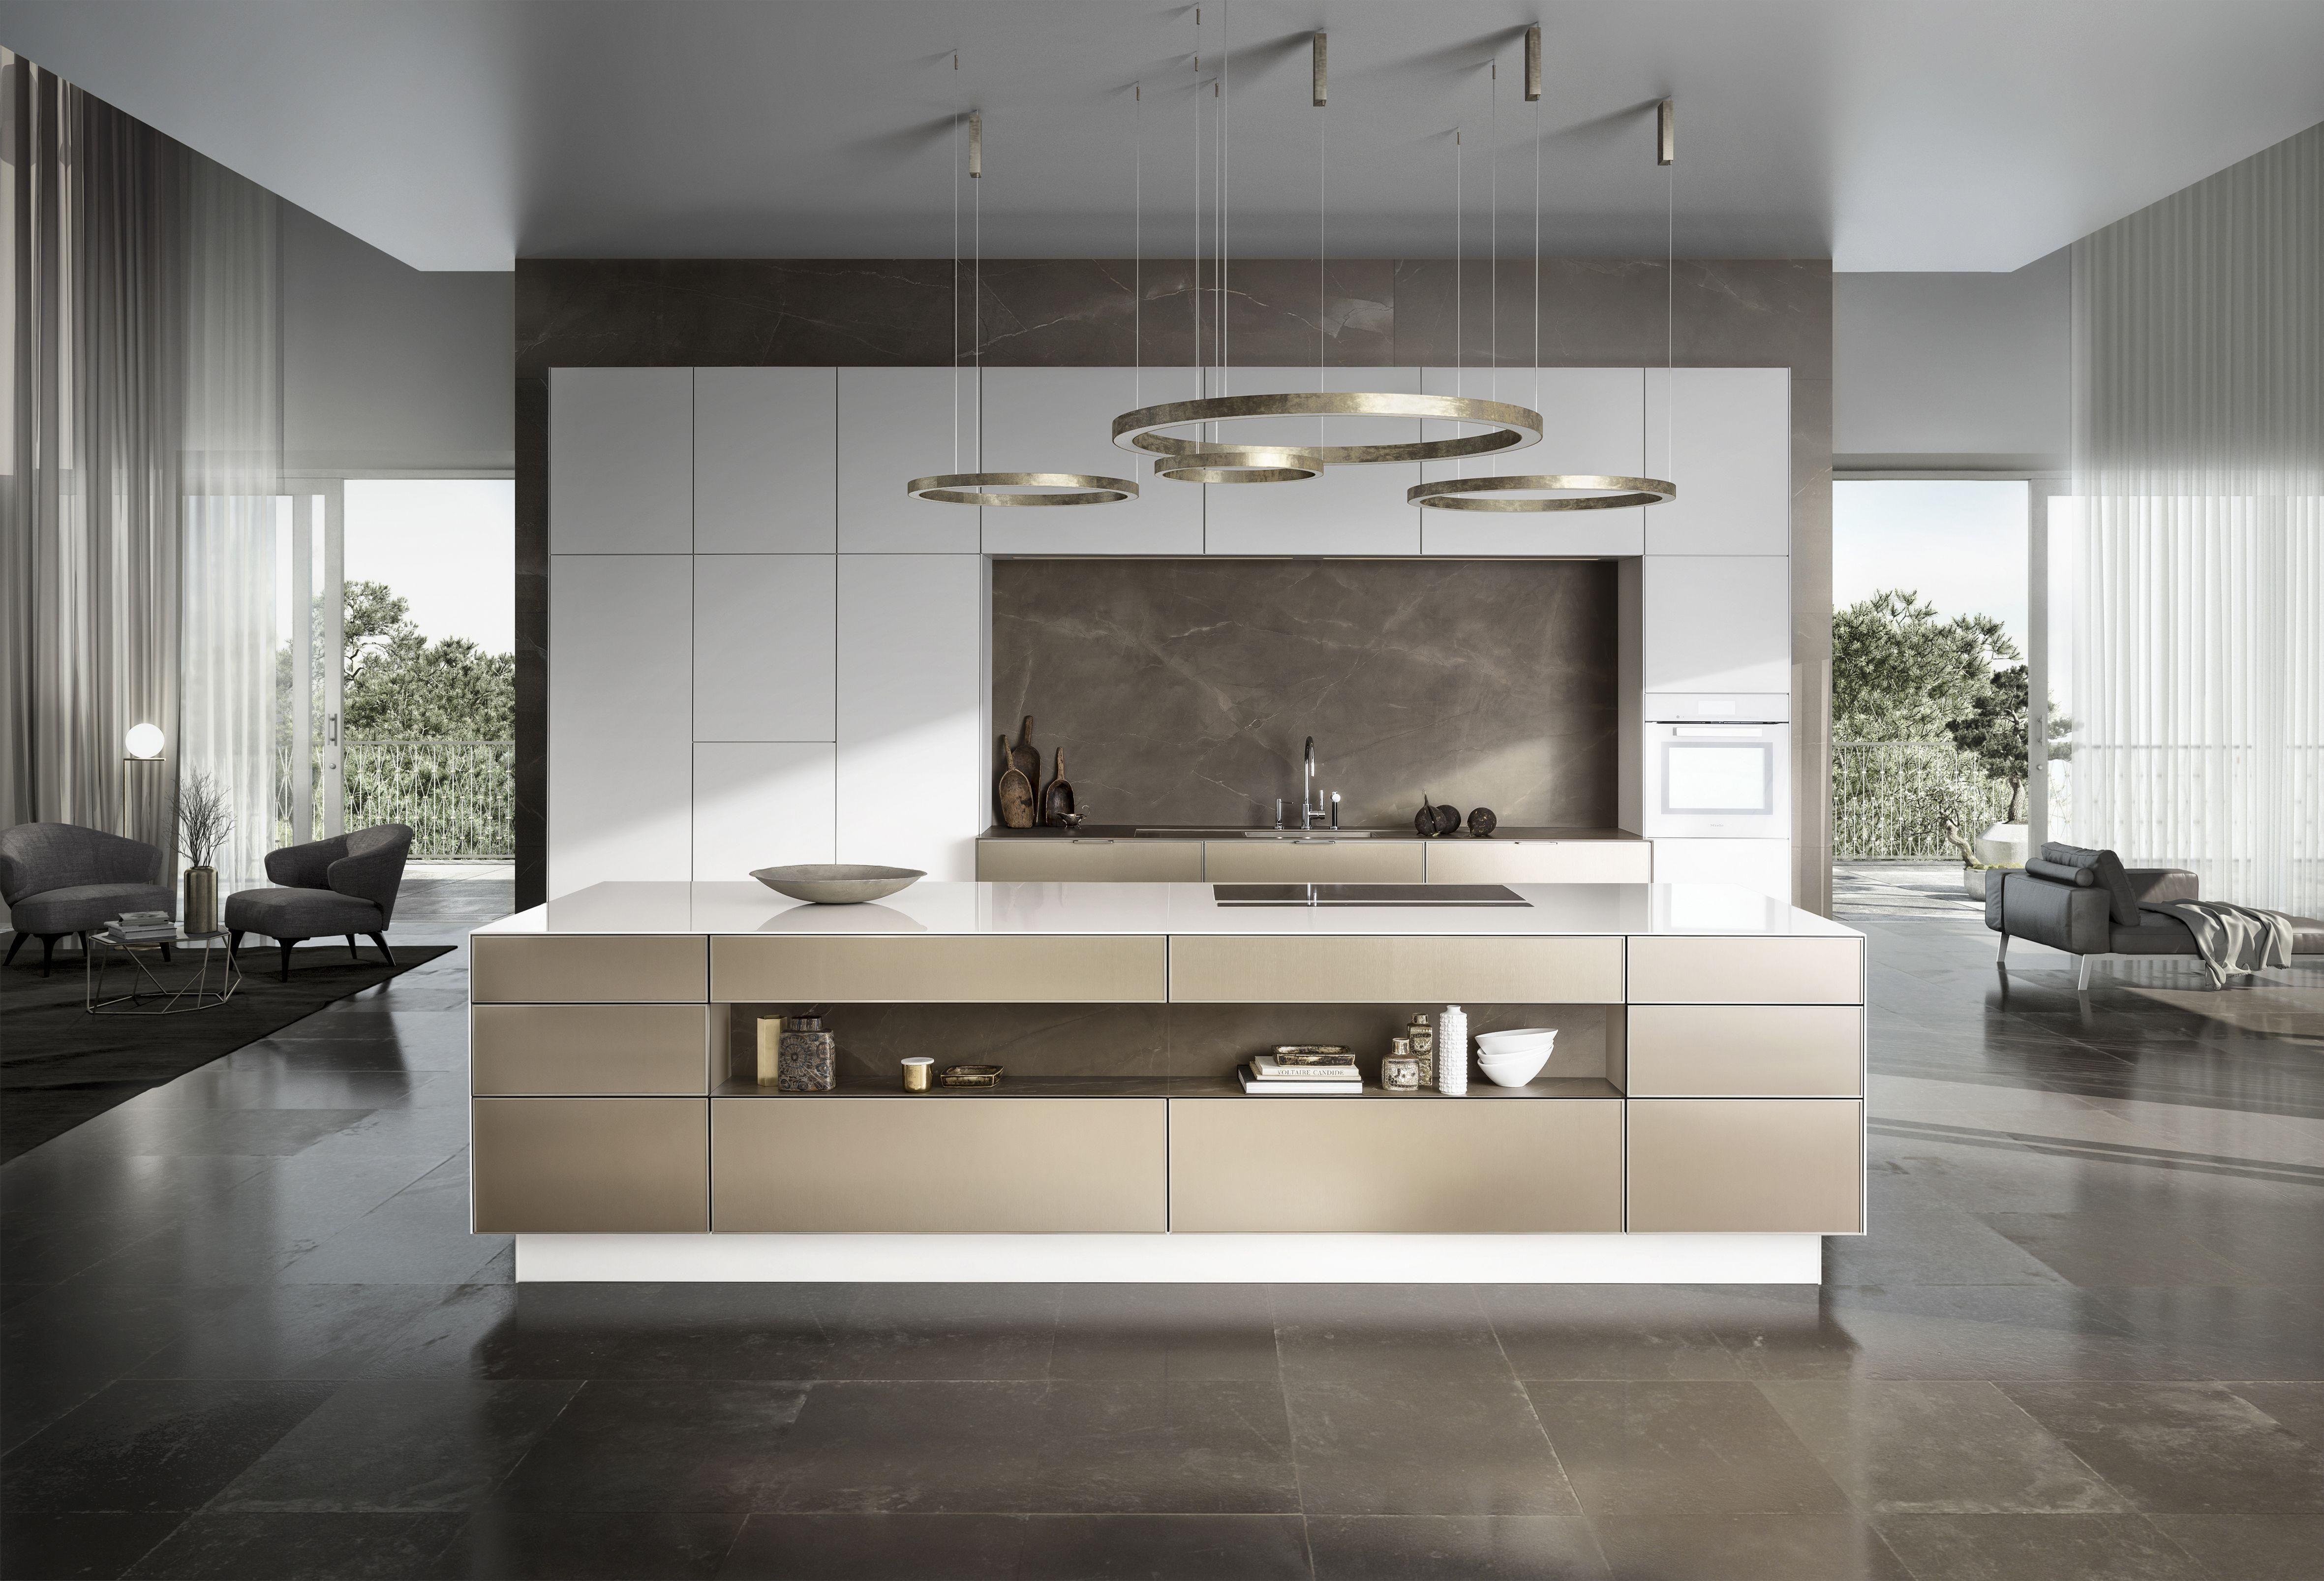 Ekelhoff küchen ~ Küche mit kochinsel preis haus innenausstattung pinterest